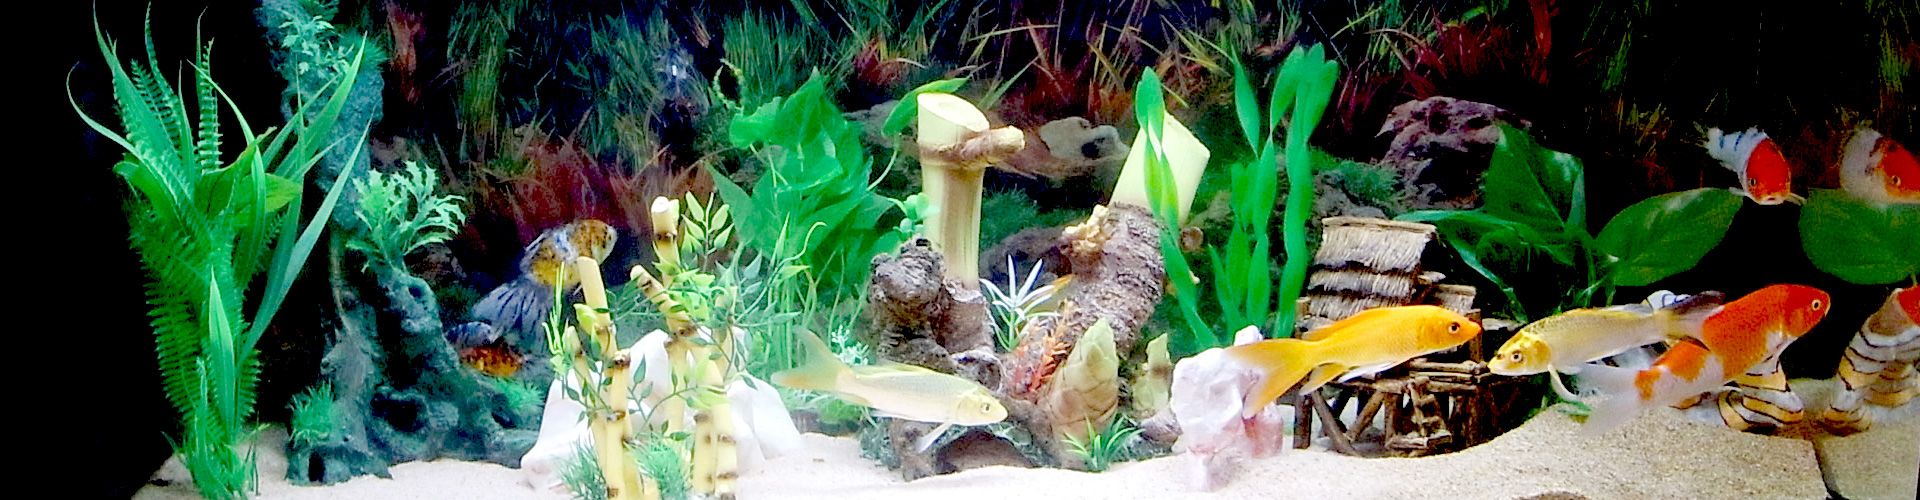 Vendita pesci rossi torino d 39 acqua fredda e da laghetto for Piante da laghetto